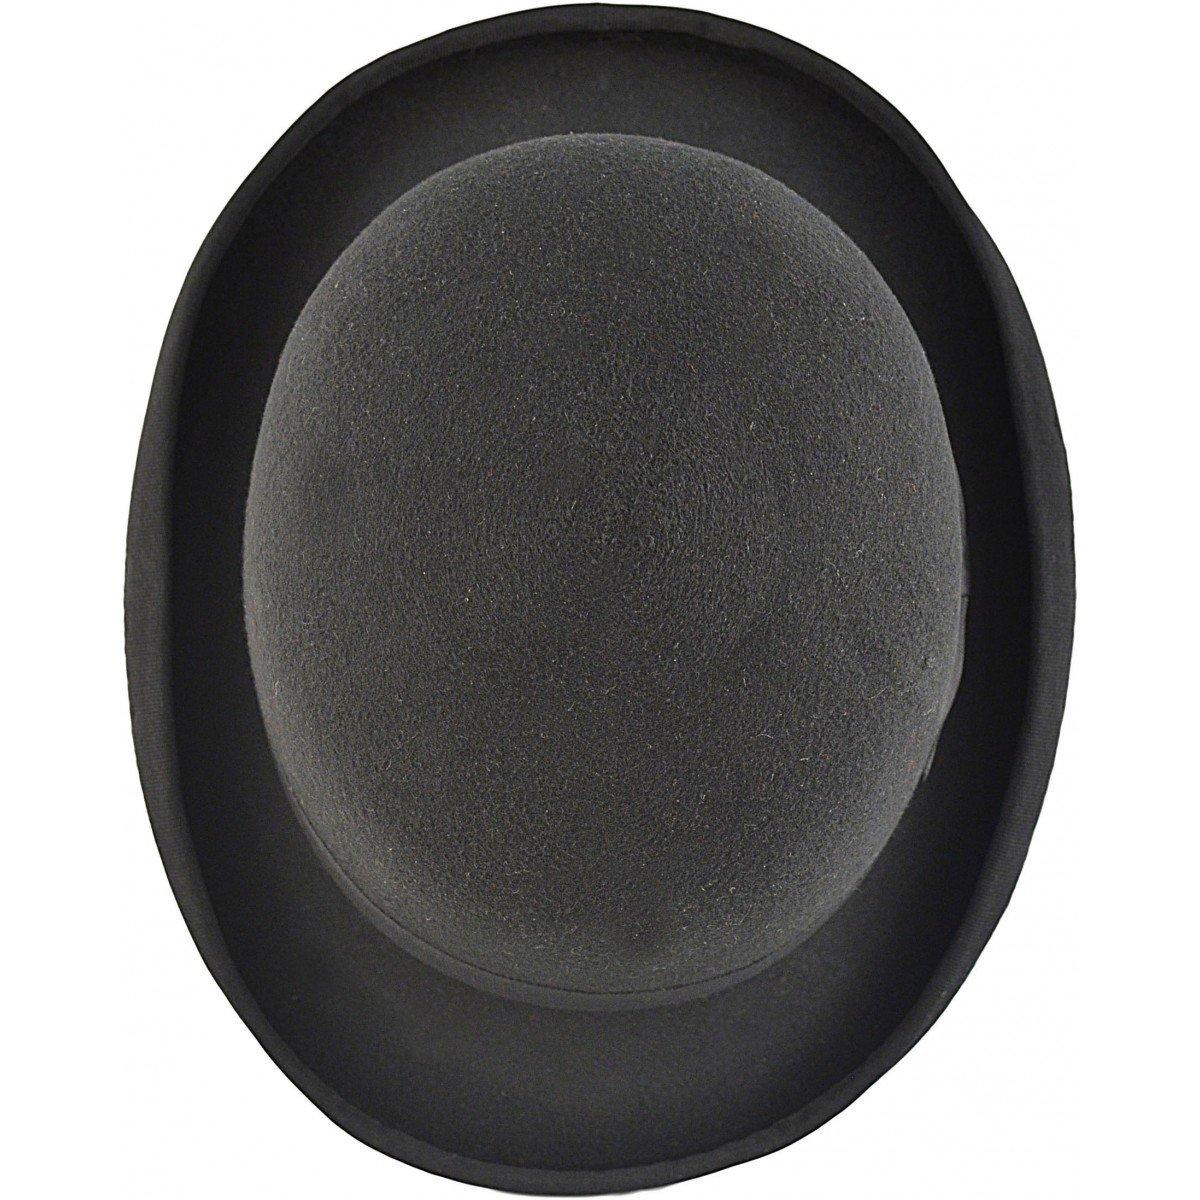 Express Hats Herren Melone schwarz schwarz